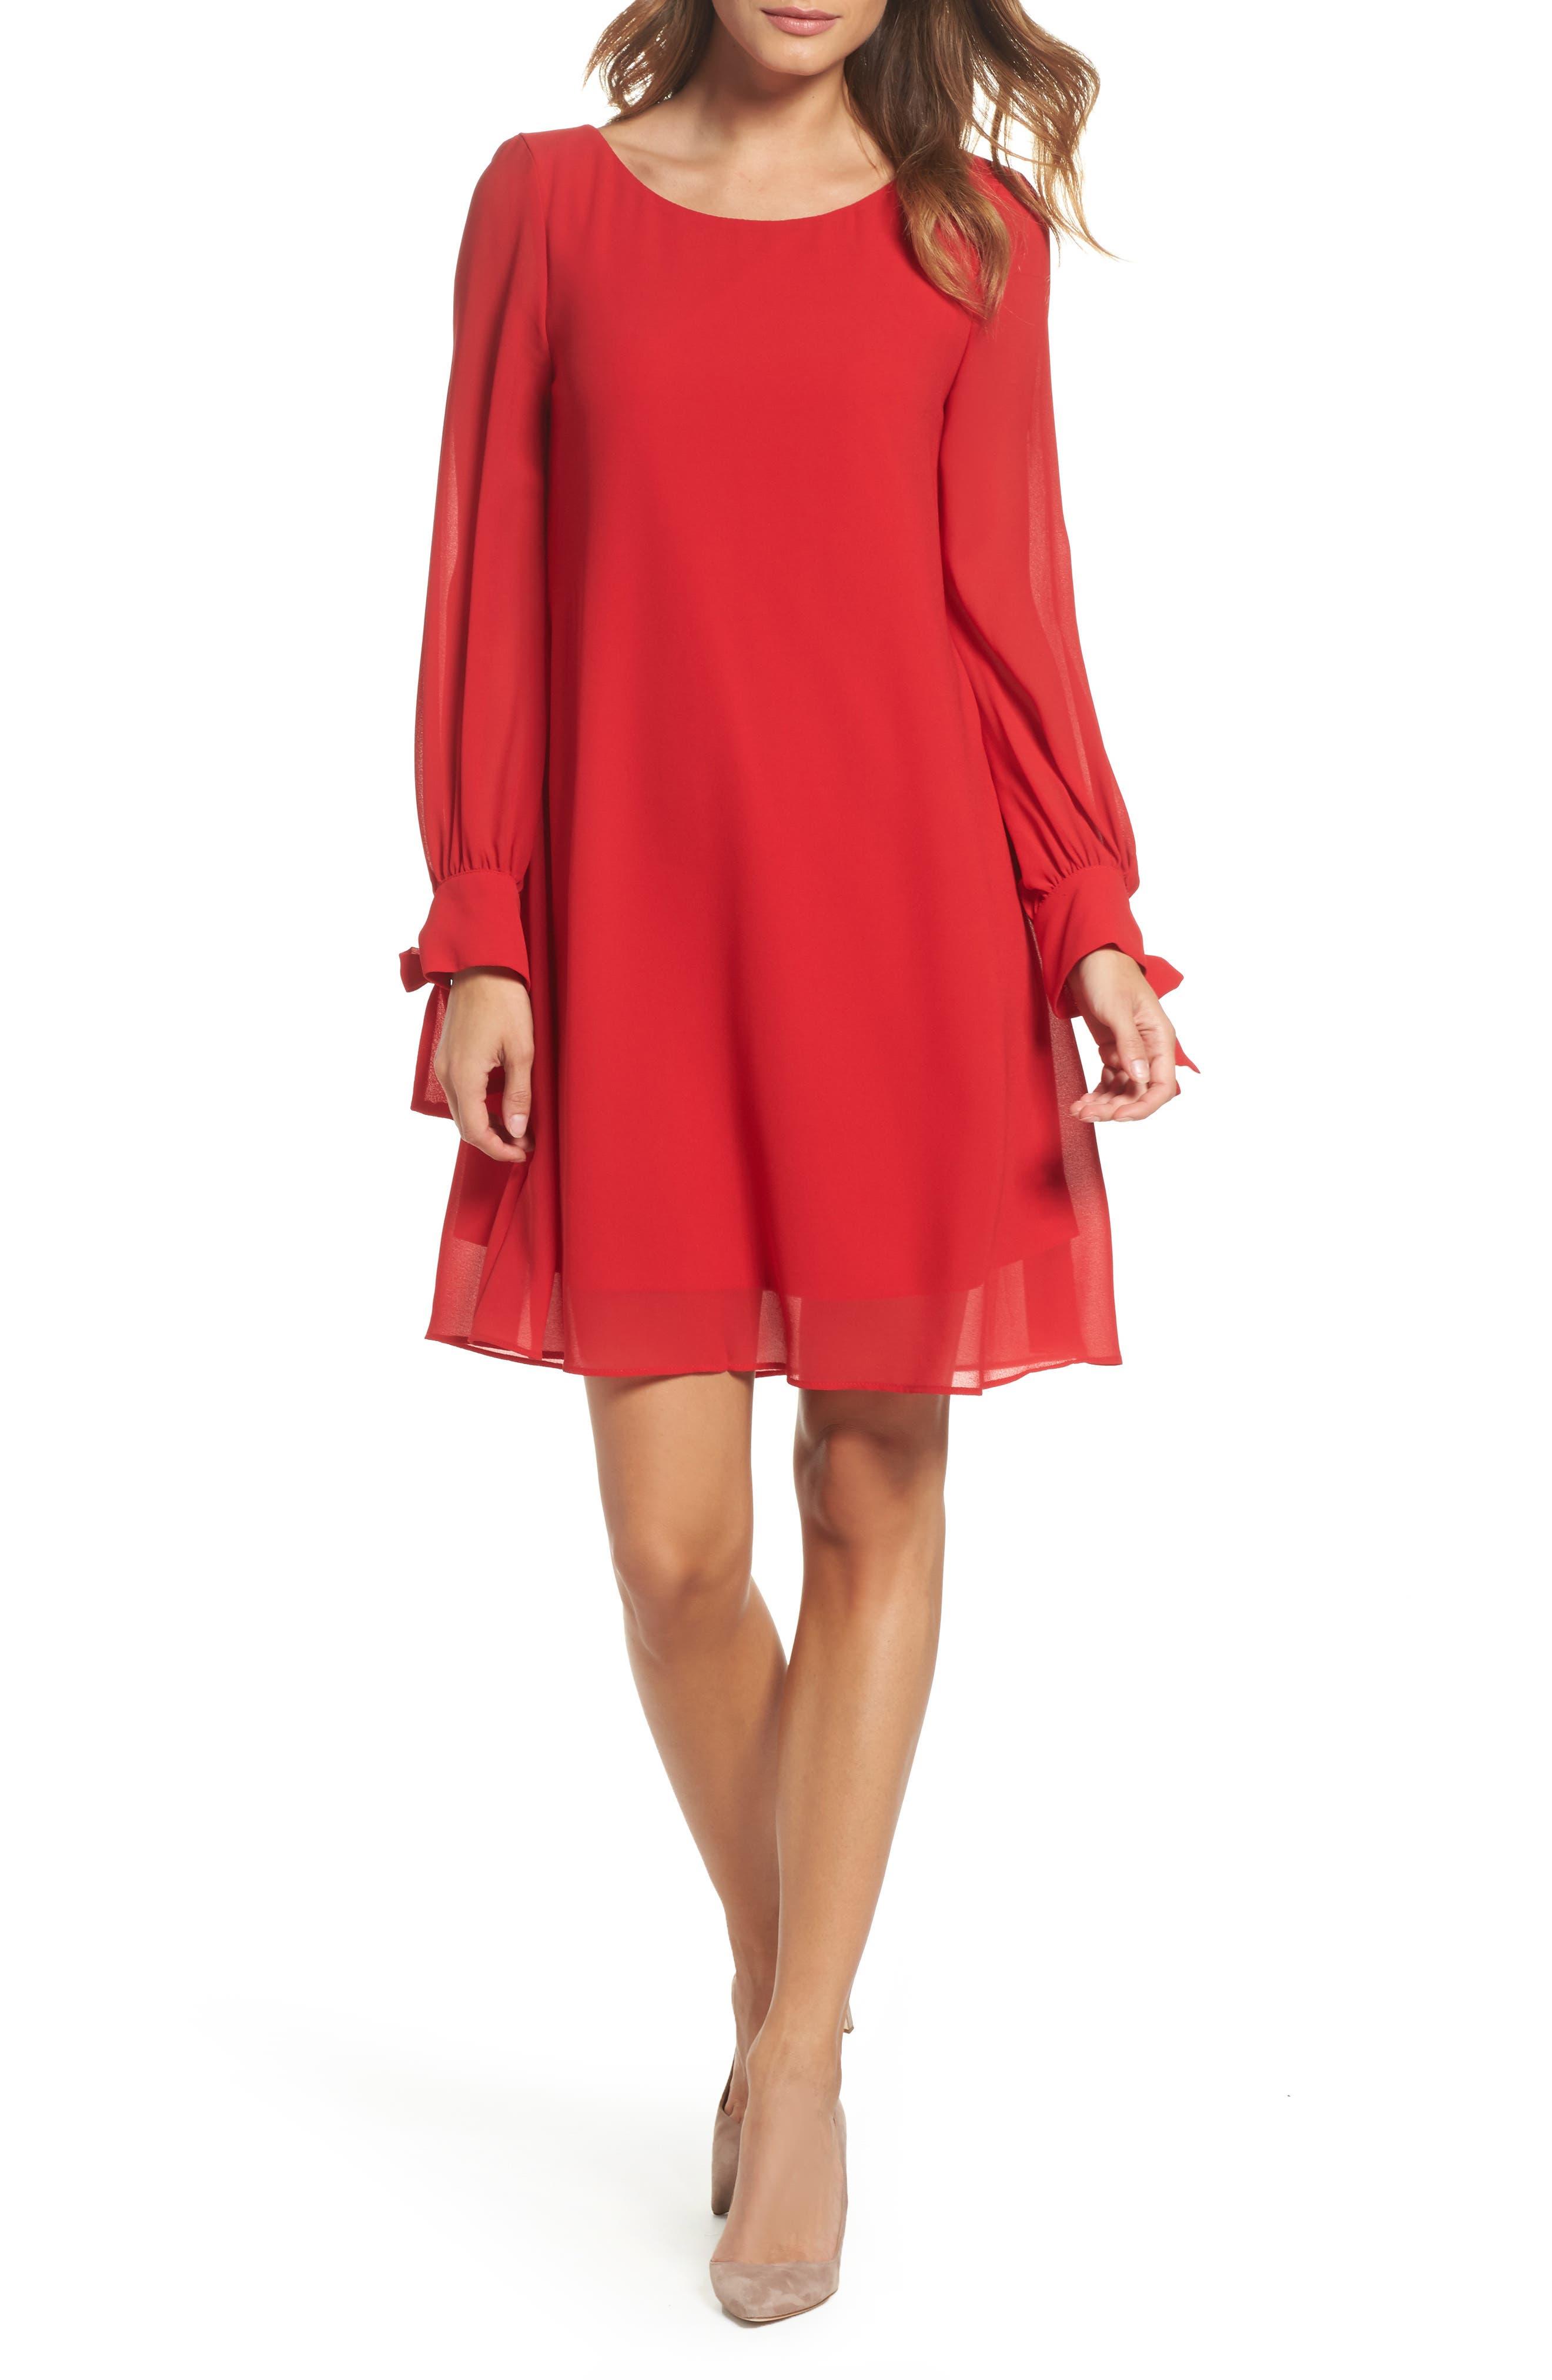 Taylor Dresses Souffle Chiffon Shift Dress